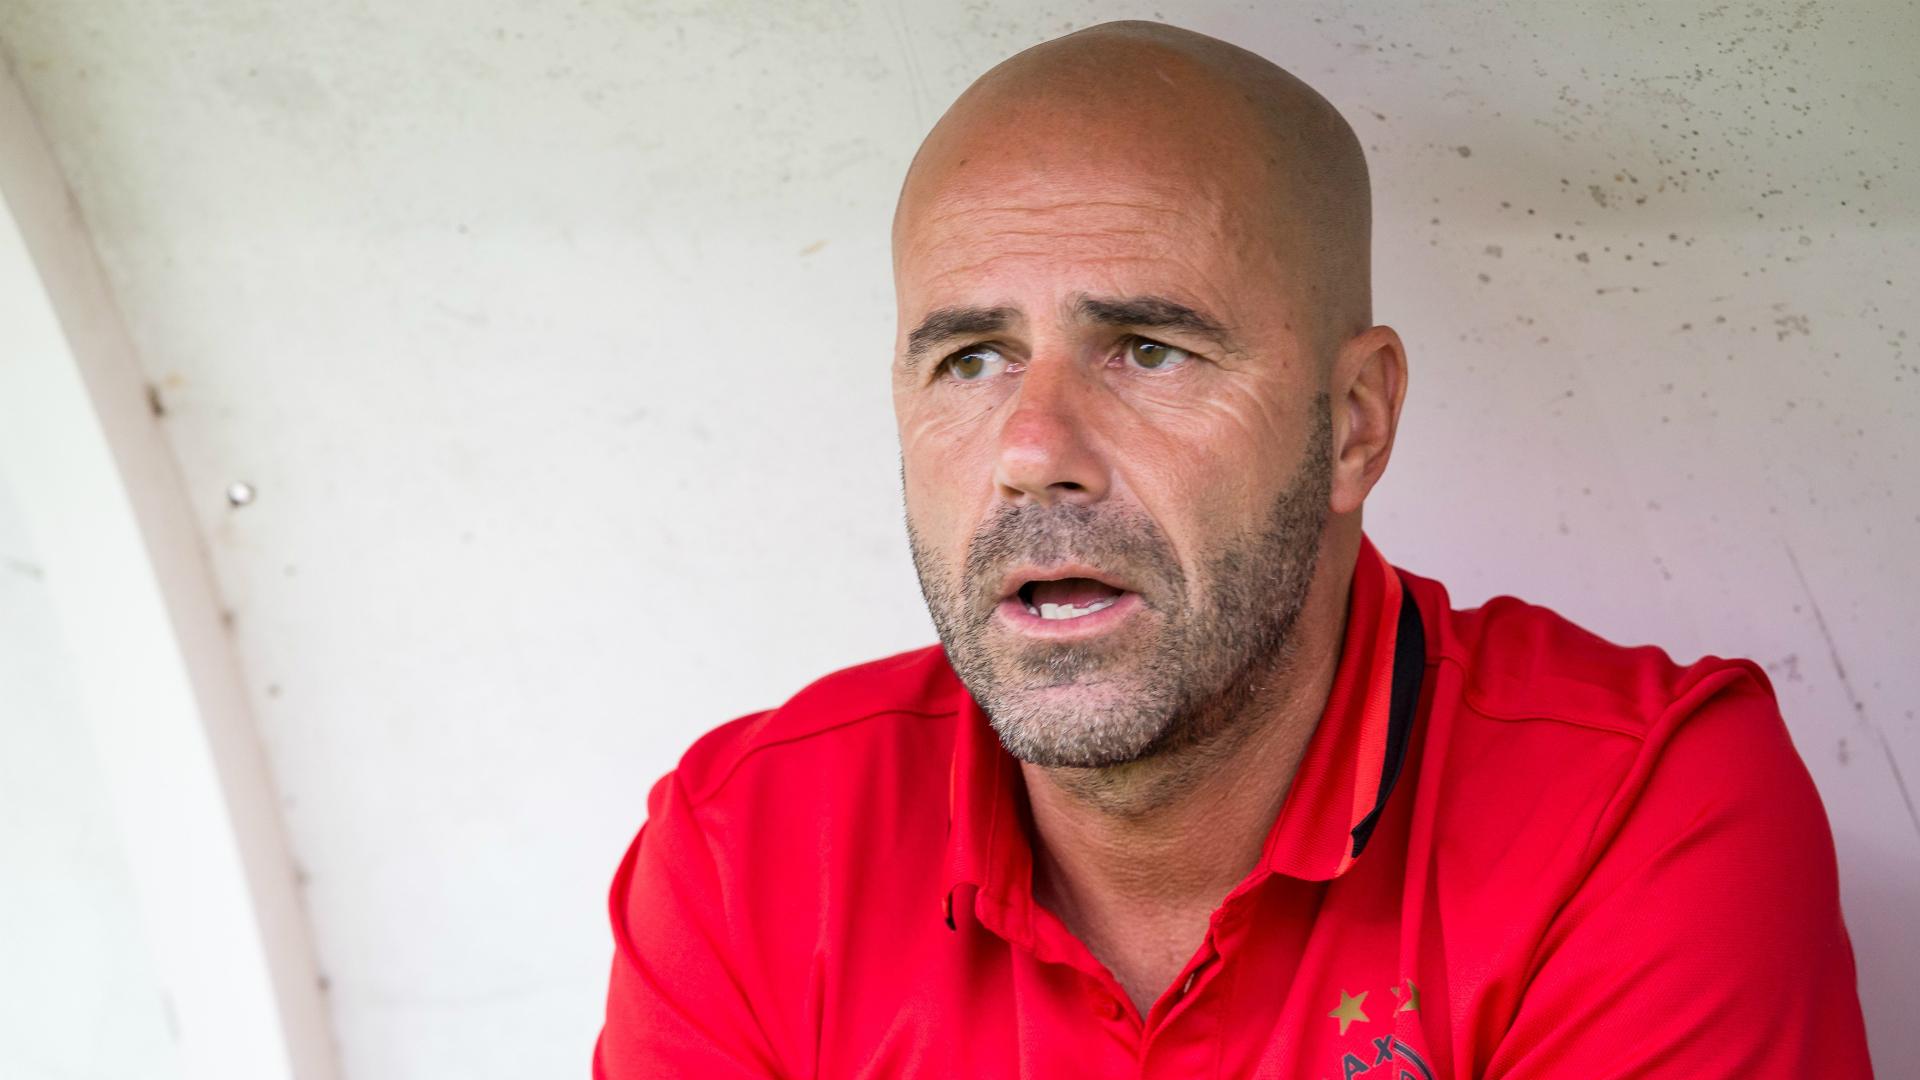 Peter Bosz est le nouvel entraîneur de Dortmund — Allemagne